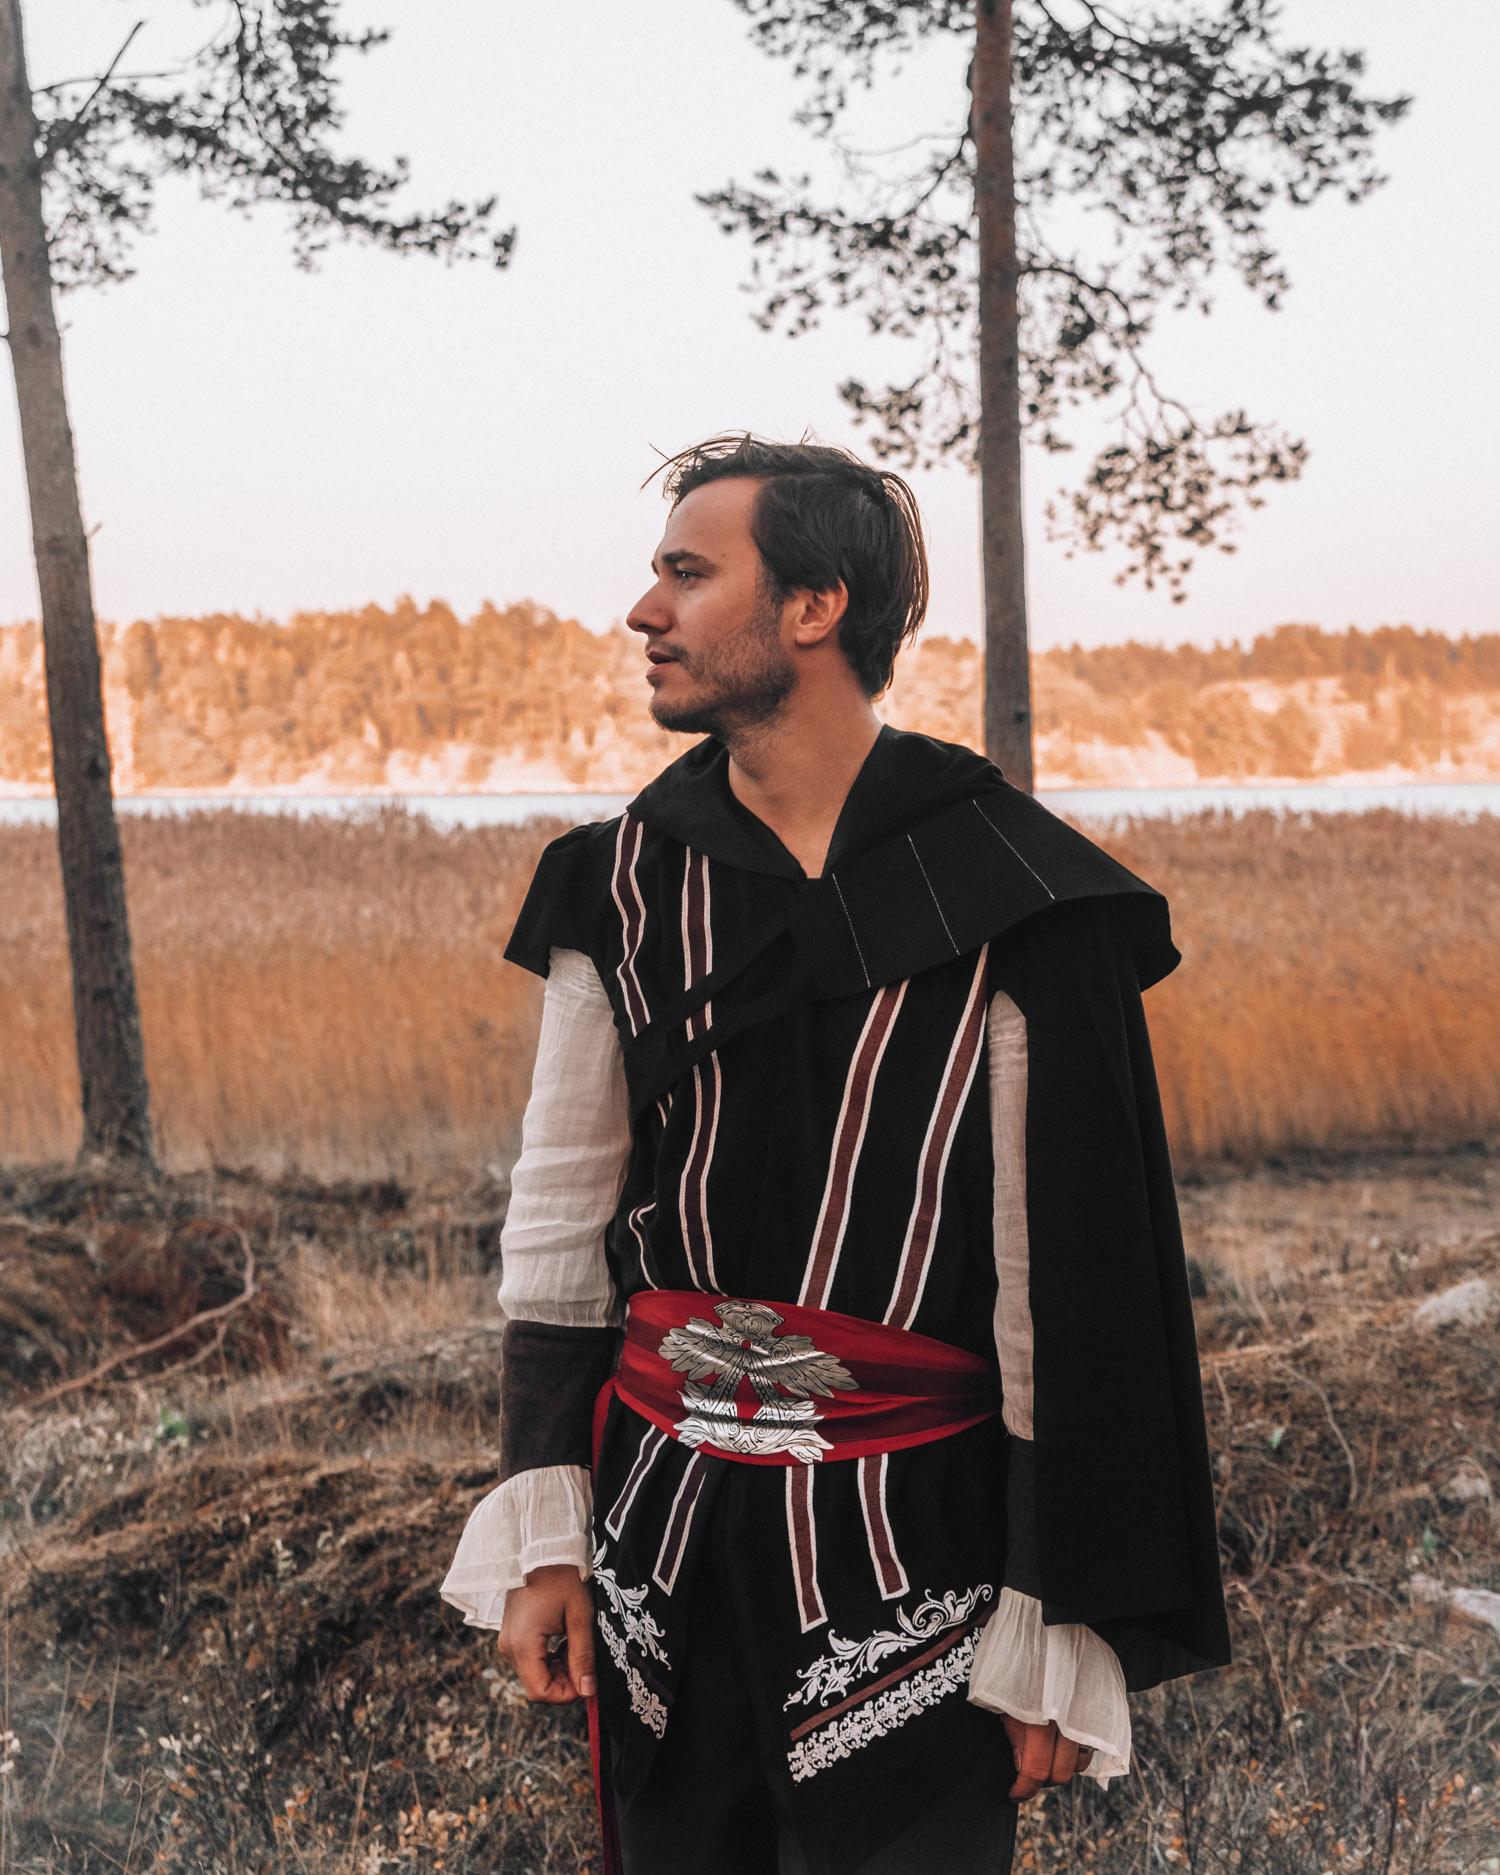 Snyggaste maskeraddräkterna inför Halloween |Ezio Assassin's Creed Maskeraddräkt